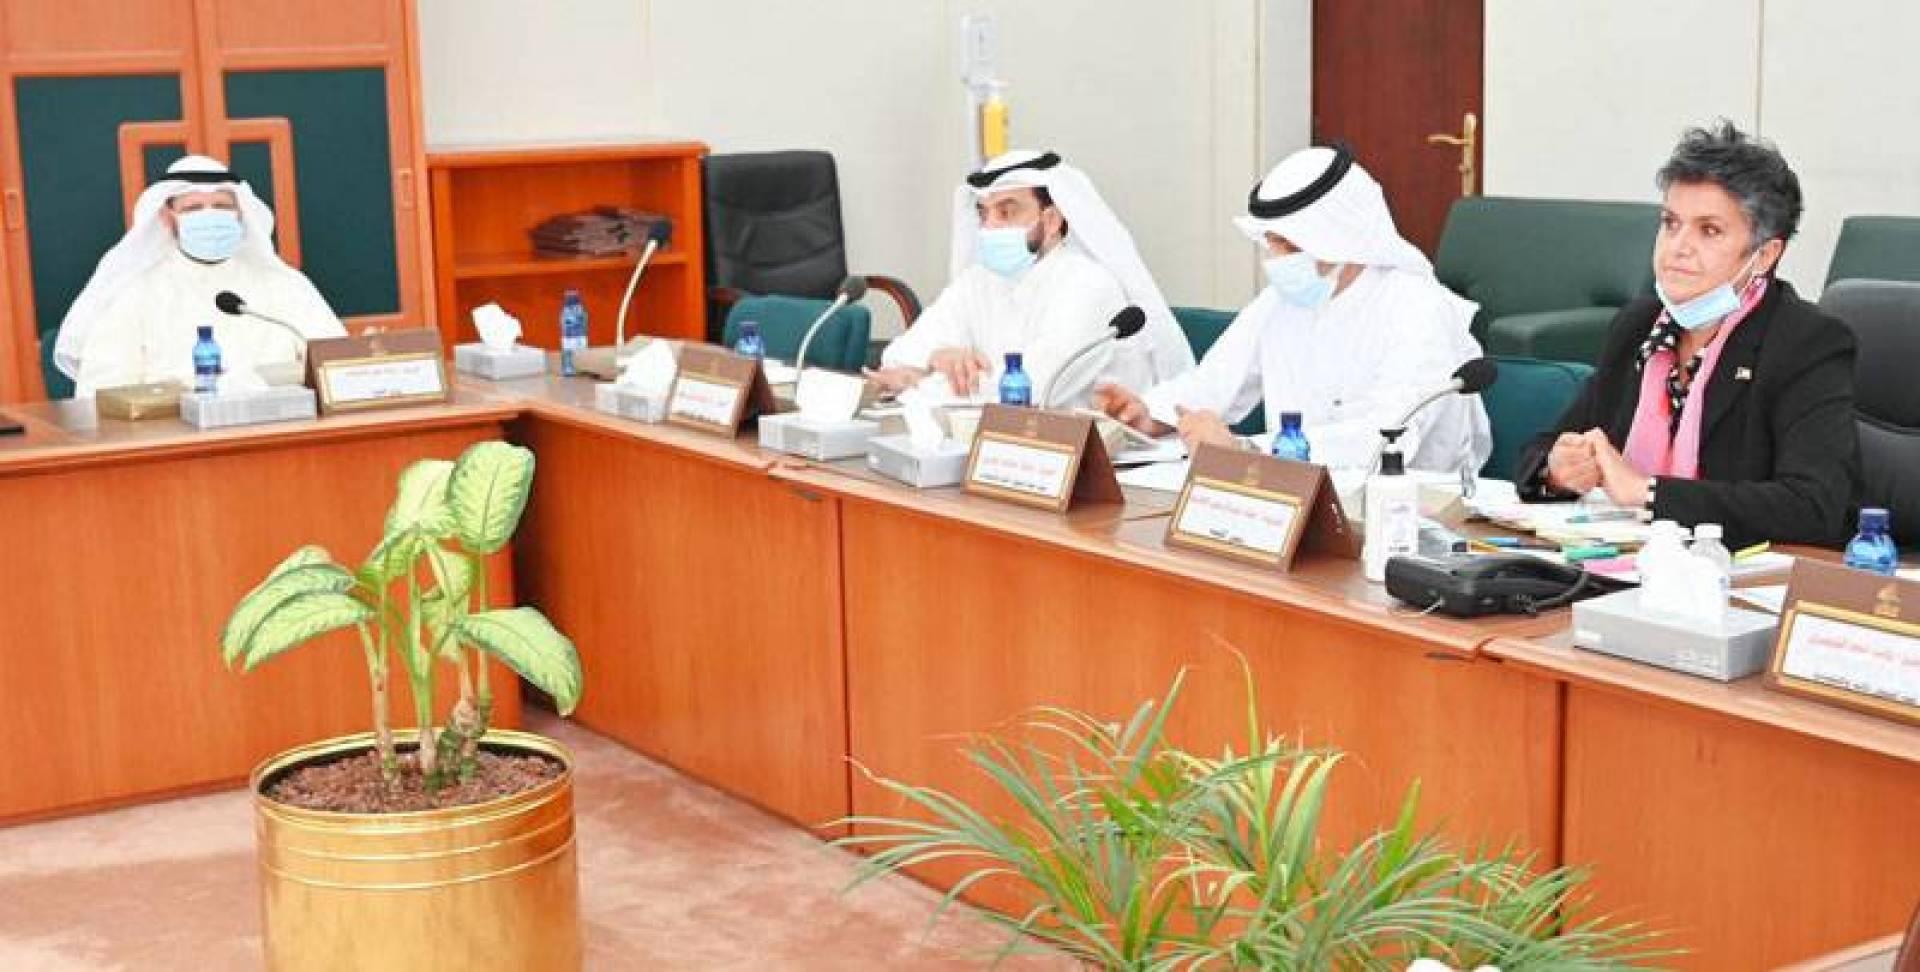 الهاشم خلال اجتماع اللجنة المالية أمس.. وبدا المطيري والحويلة والشيتان